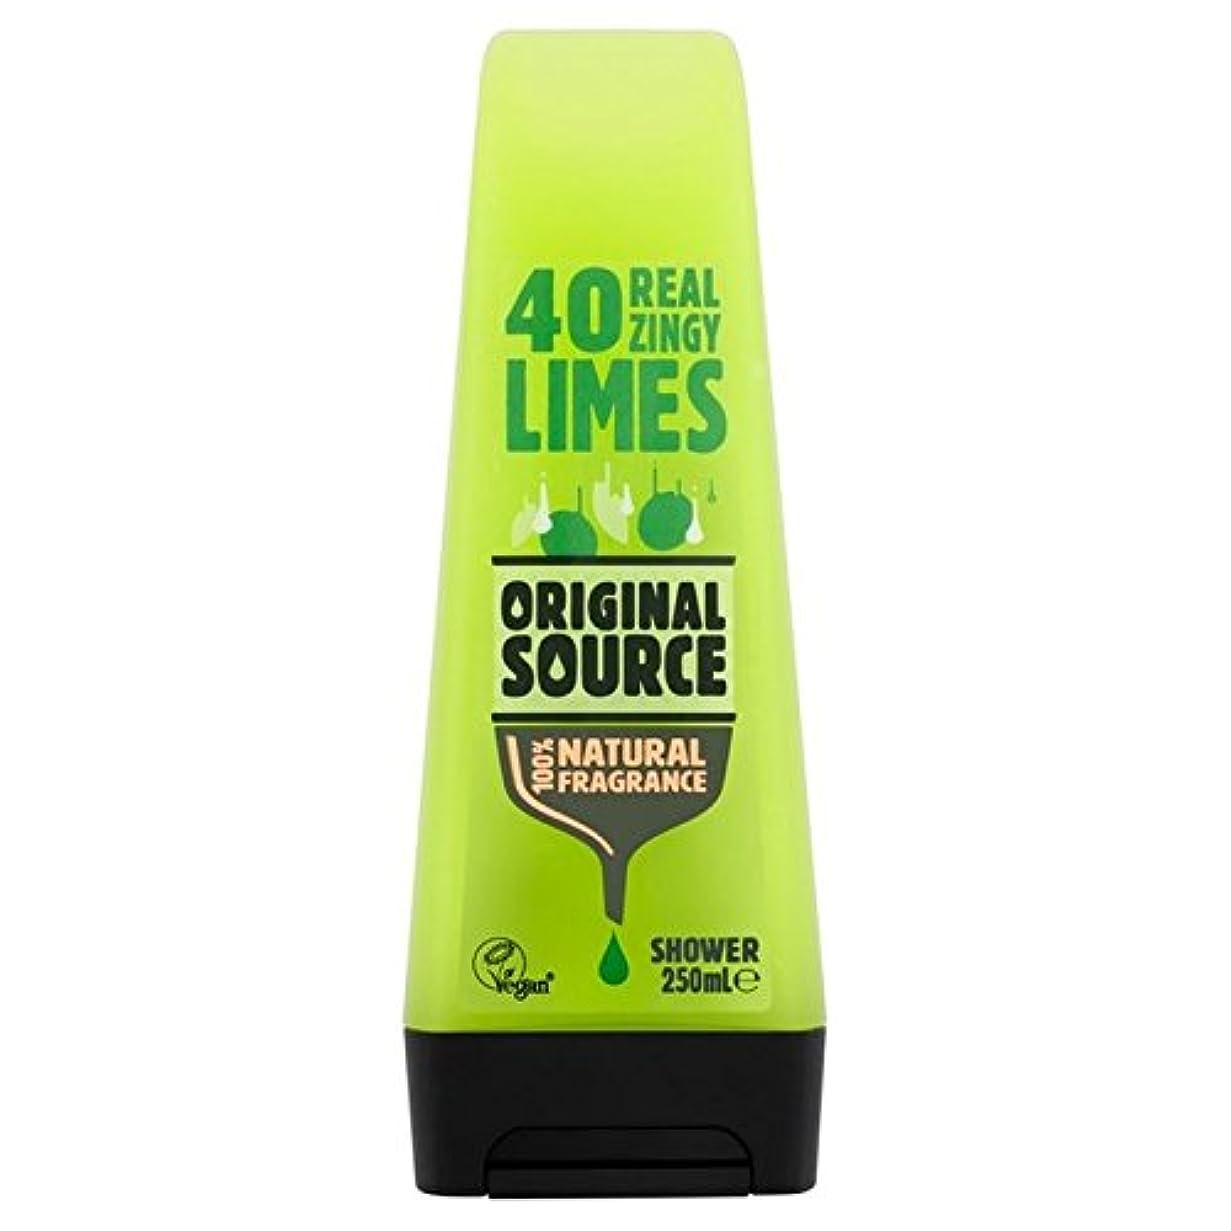 抑止する私たち自身聖なる元のソースライムシャワージェル250ミリリットル x2 - Original Source Lime Shower Gel 250ml (Pack of 2) [並行輸入品]